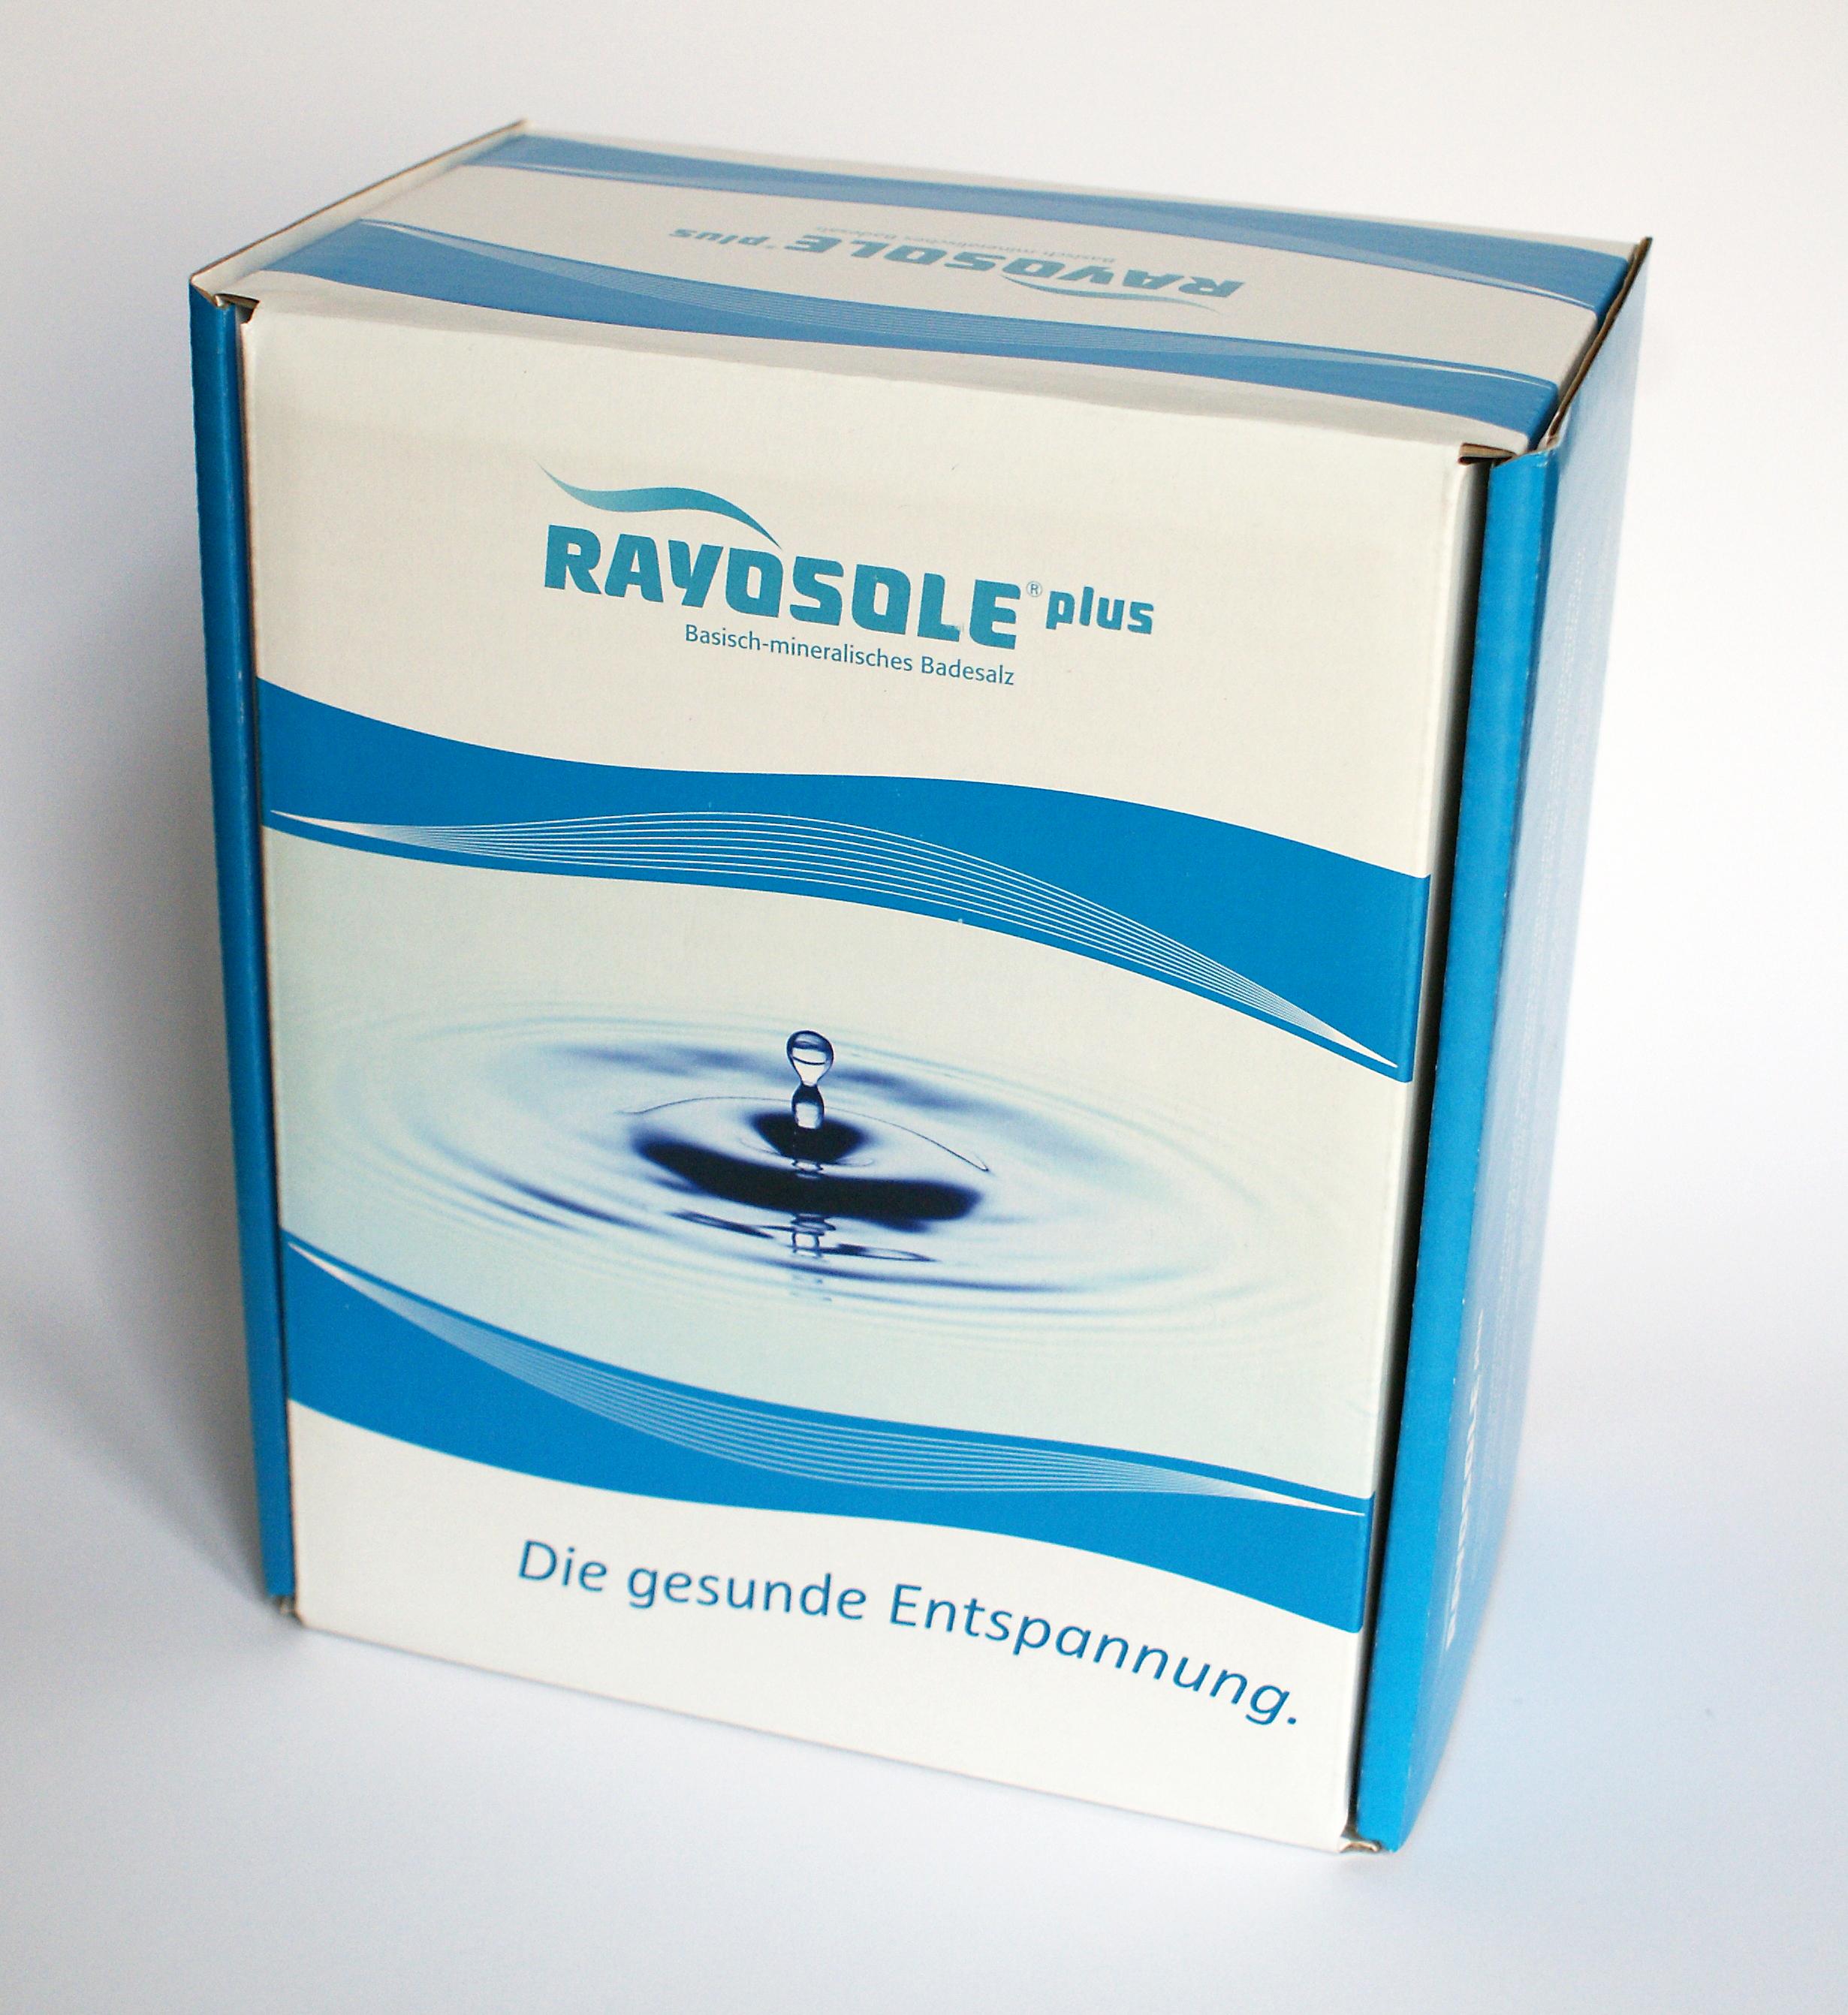 Rayobase Verpackung